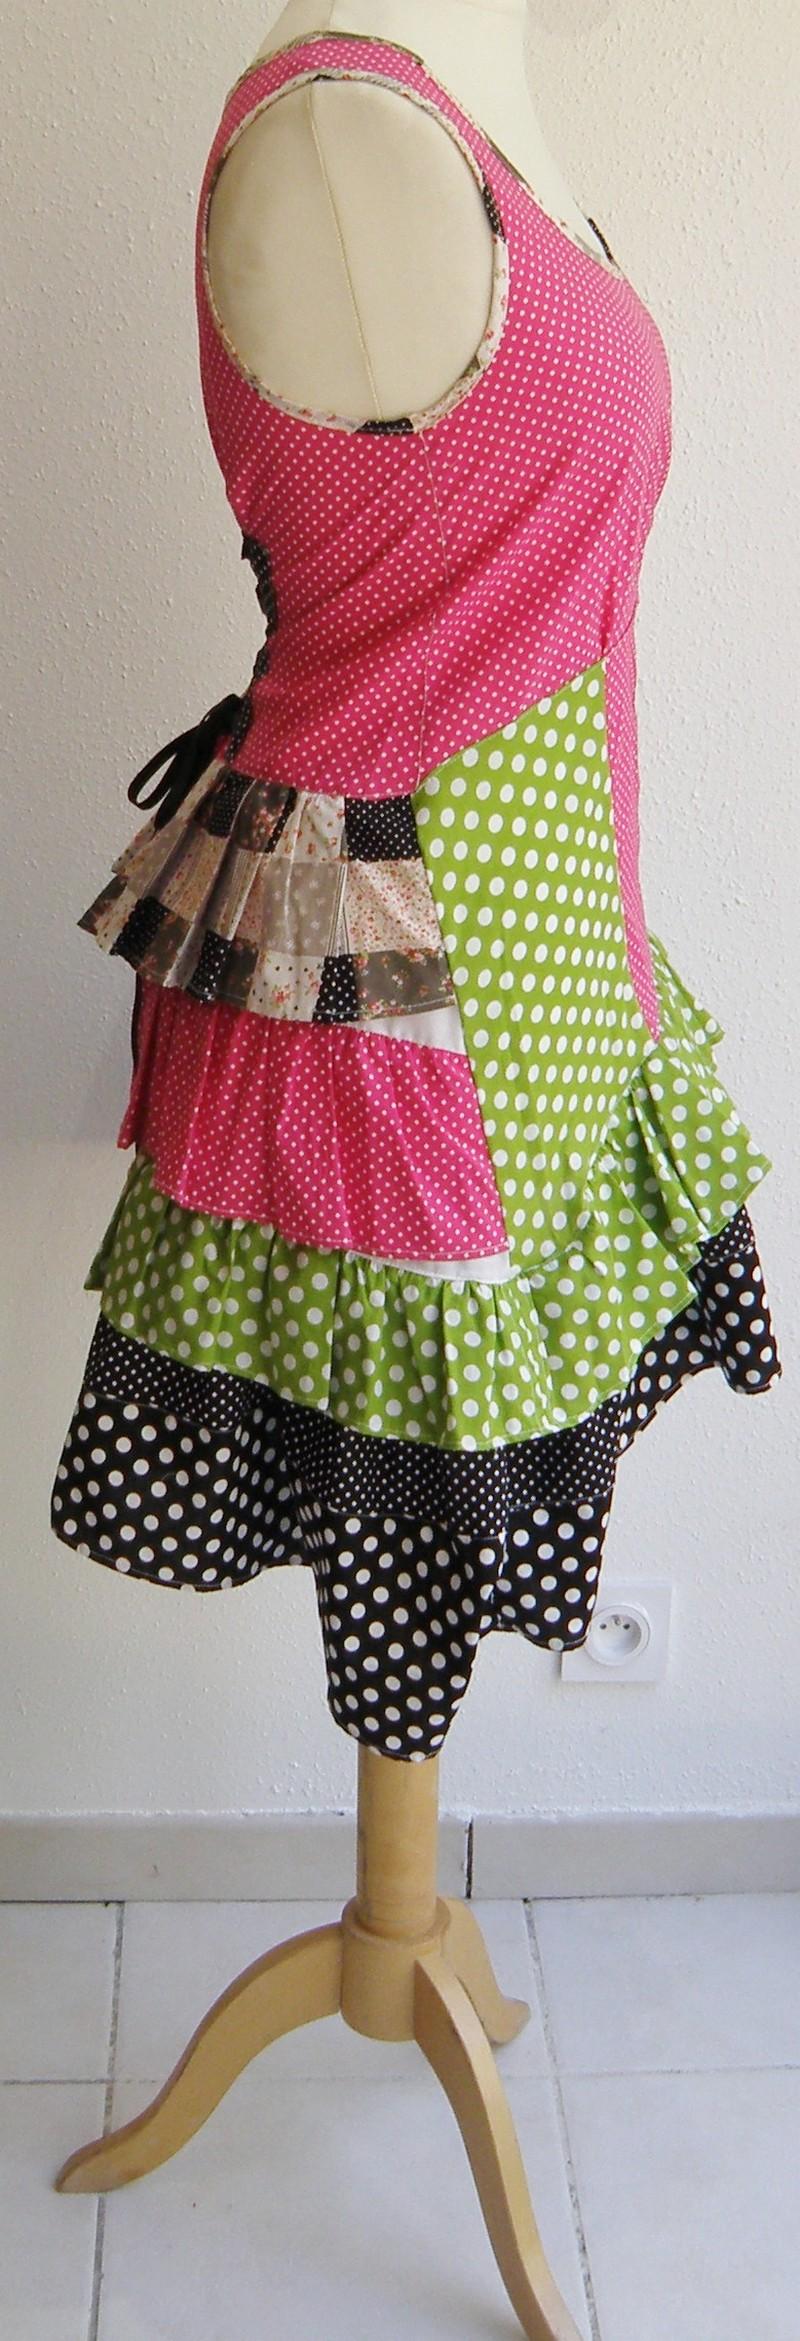 Robe en coton pulpe noir et vert anis T38/40 (015)-3129